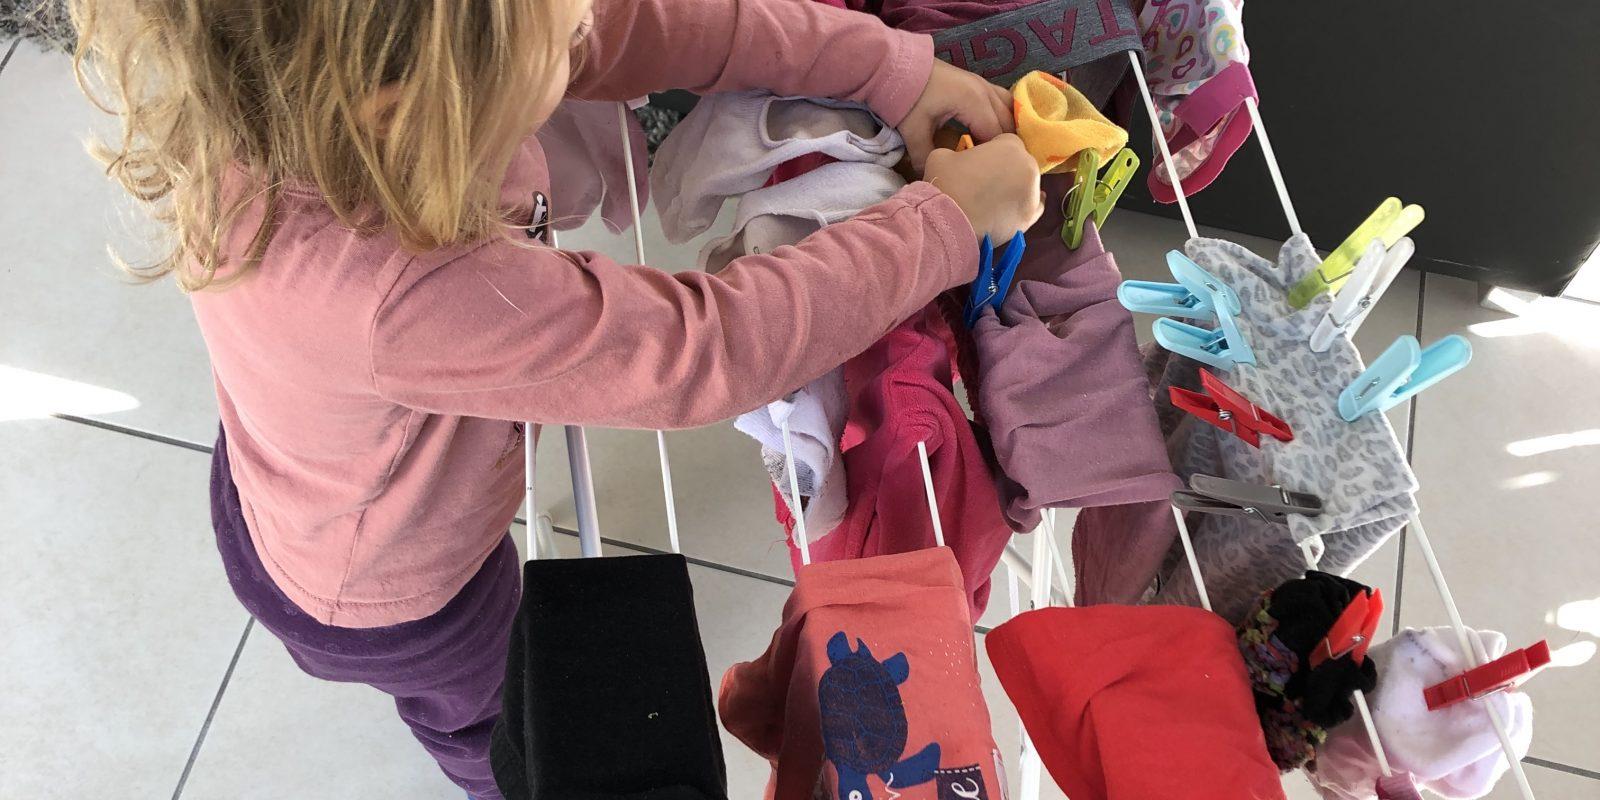 Confiance en soi cahier d'activités Grandir Zen pour enfant 6 à 11 ans. Tâches ménagères, responsabiliser pour booster la confiance en soi